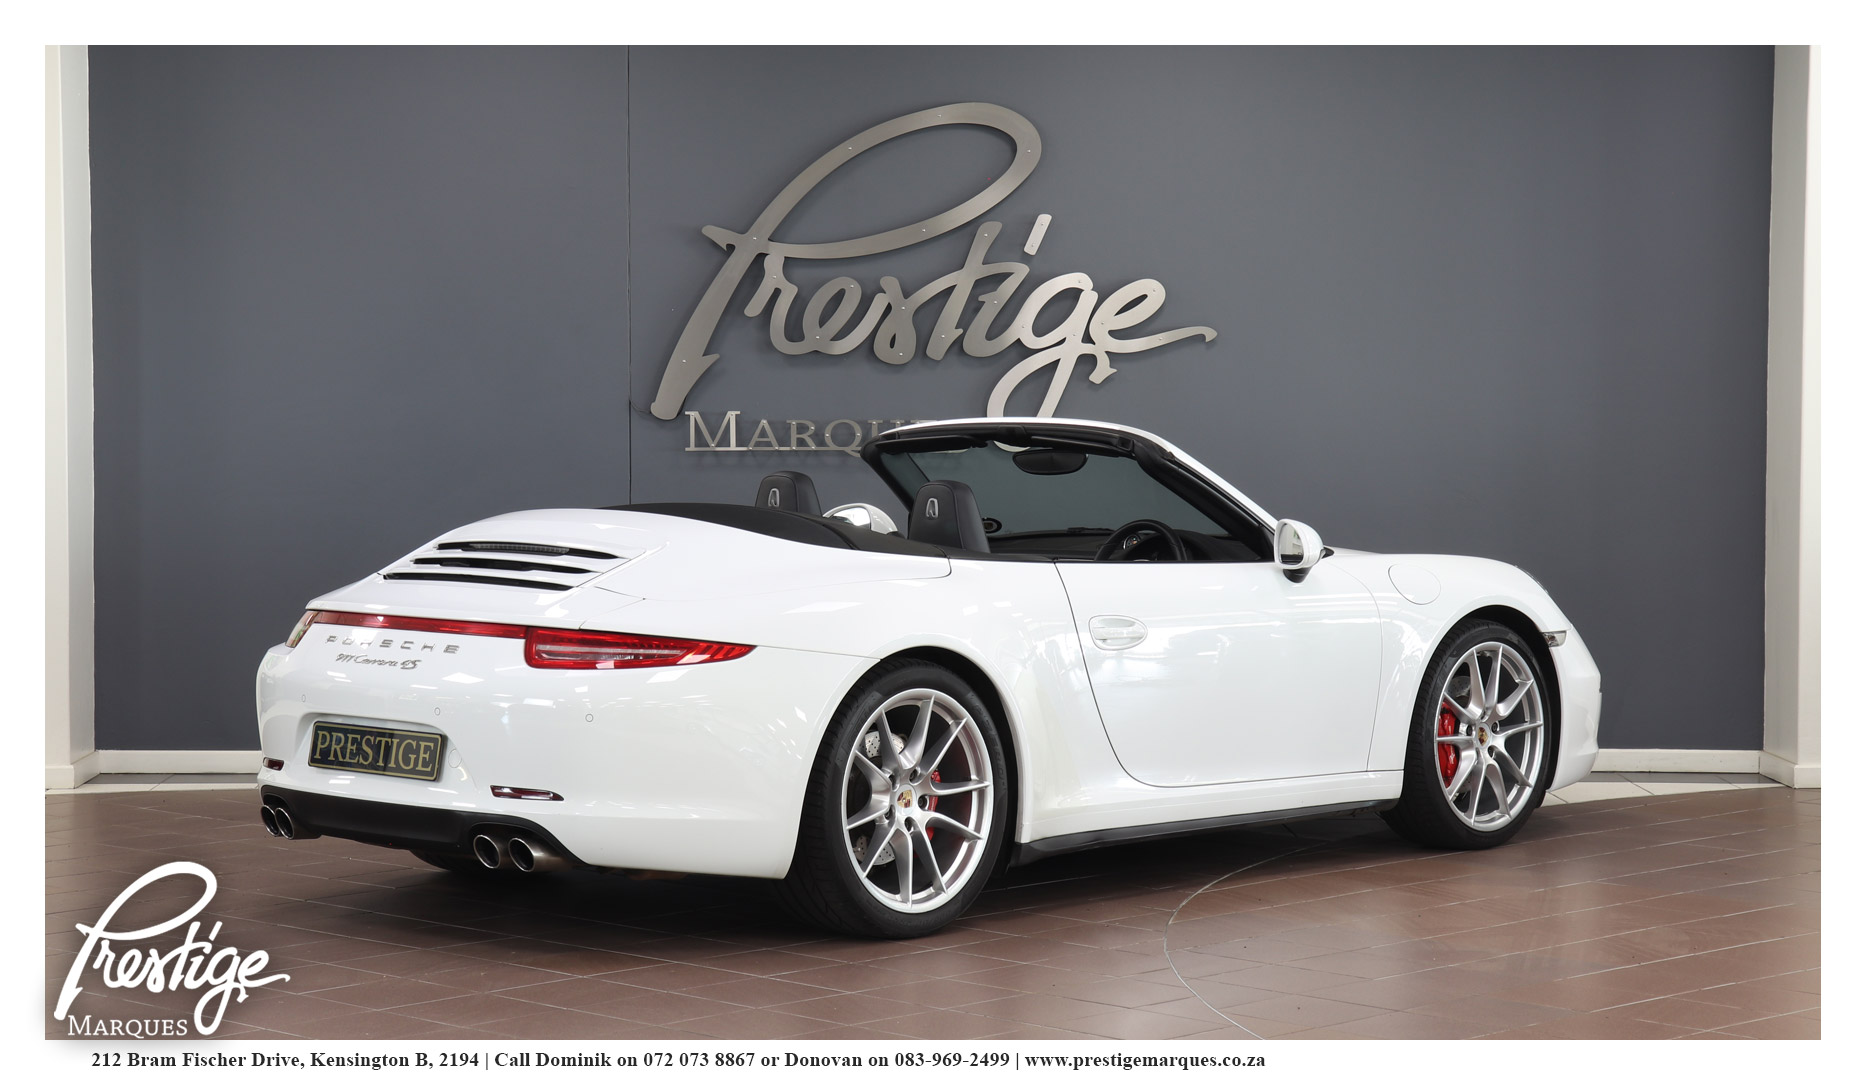 2013-Porsche-911-991-Carrera-4s-PDK-Cabriolet-Prestige-Marques-Randburg-Sandton-5